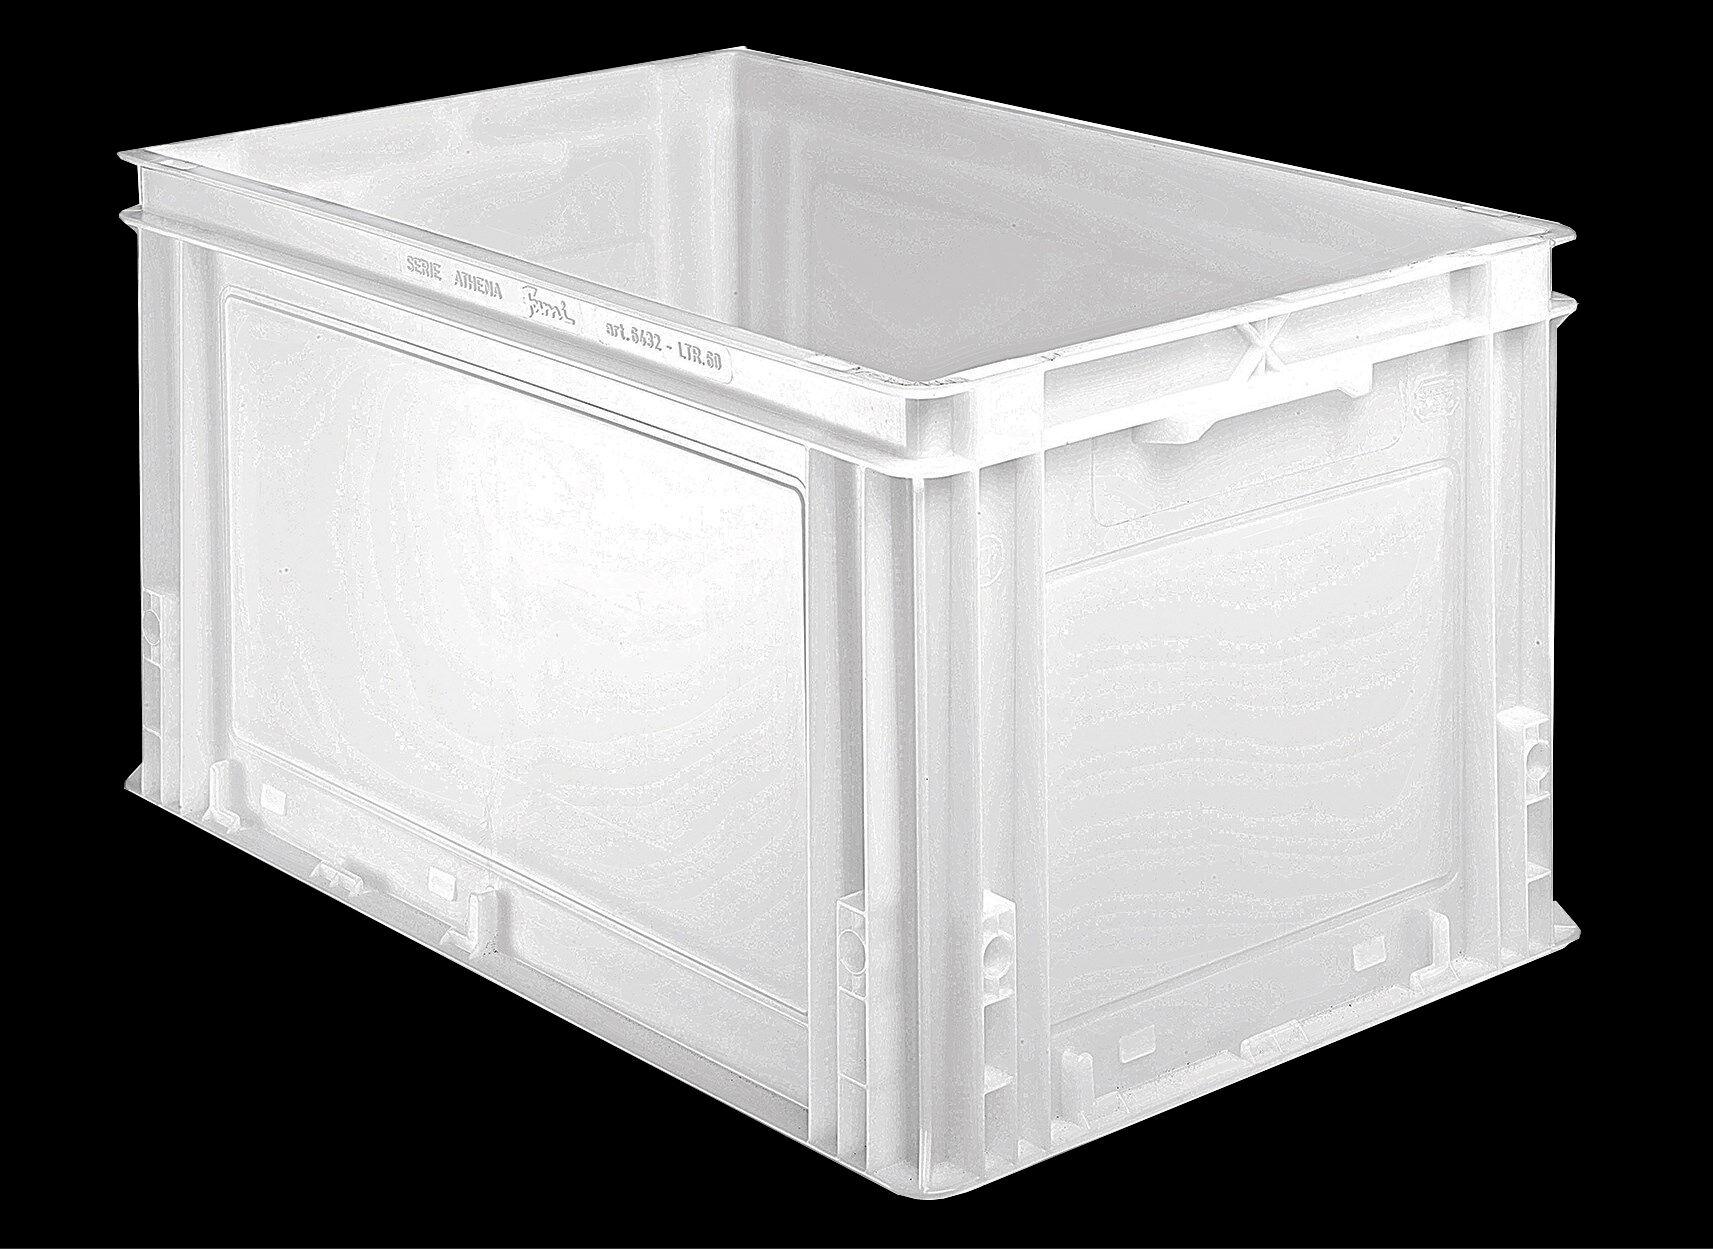 SETAM Bac alimentaire plastique volume 60 litres 600x400